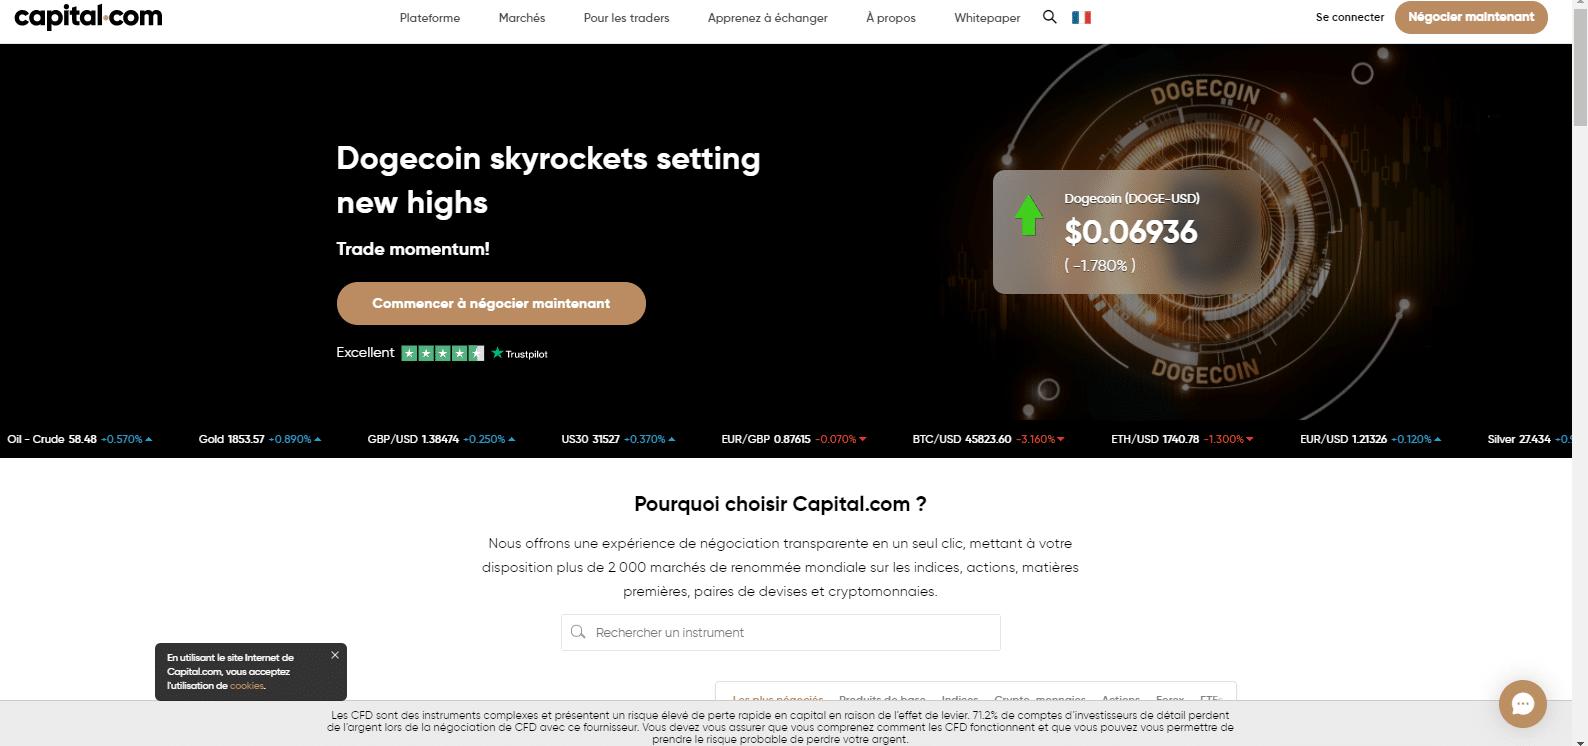 Page d'accueil Capital.com